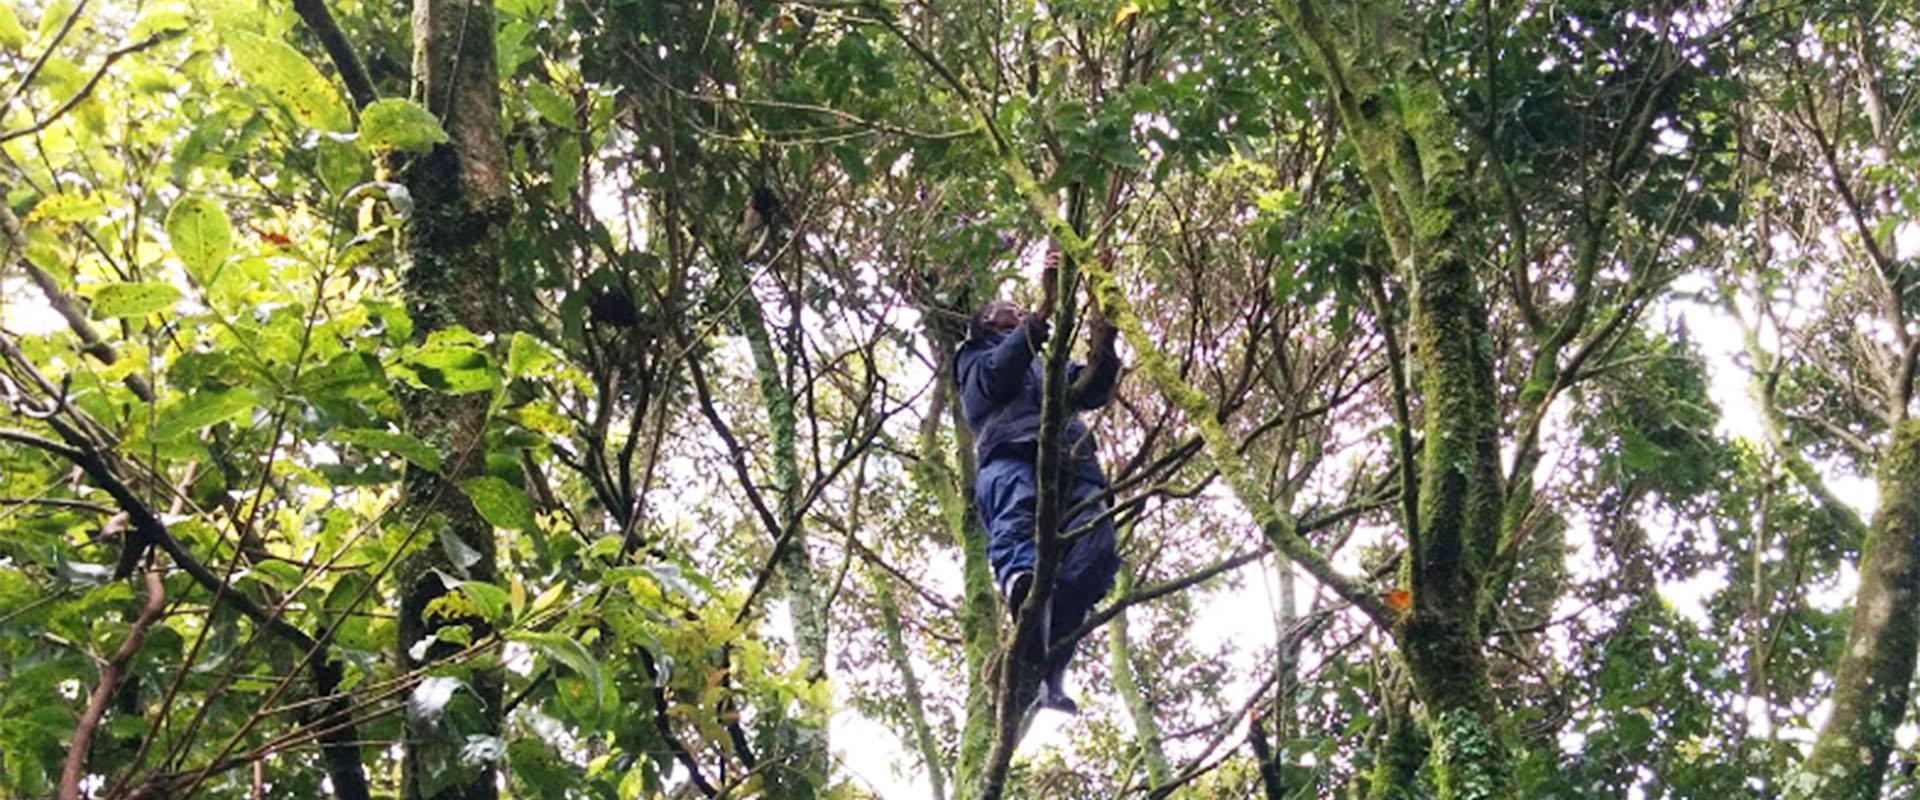 foresta mau uomo Mani Tese Kenya 2017